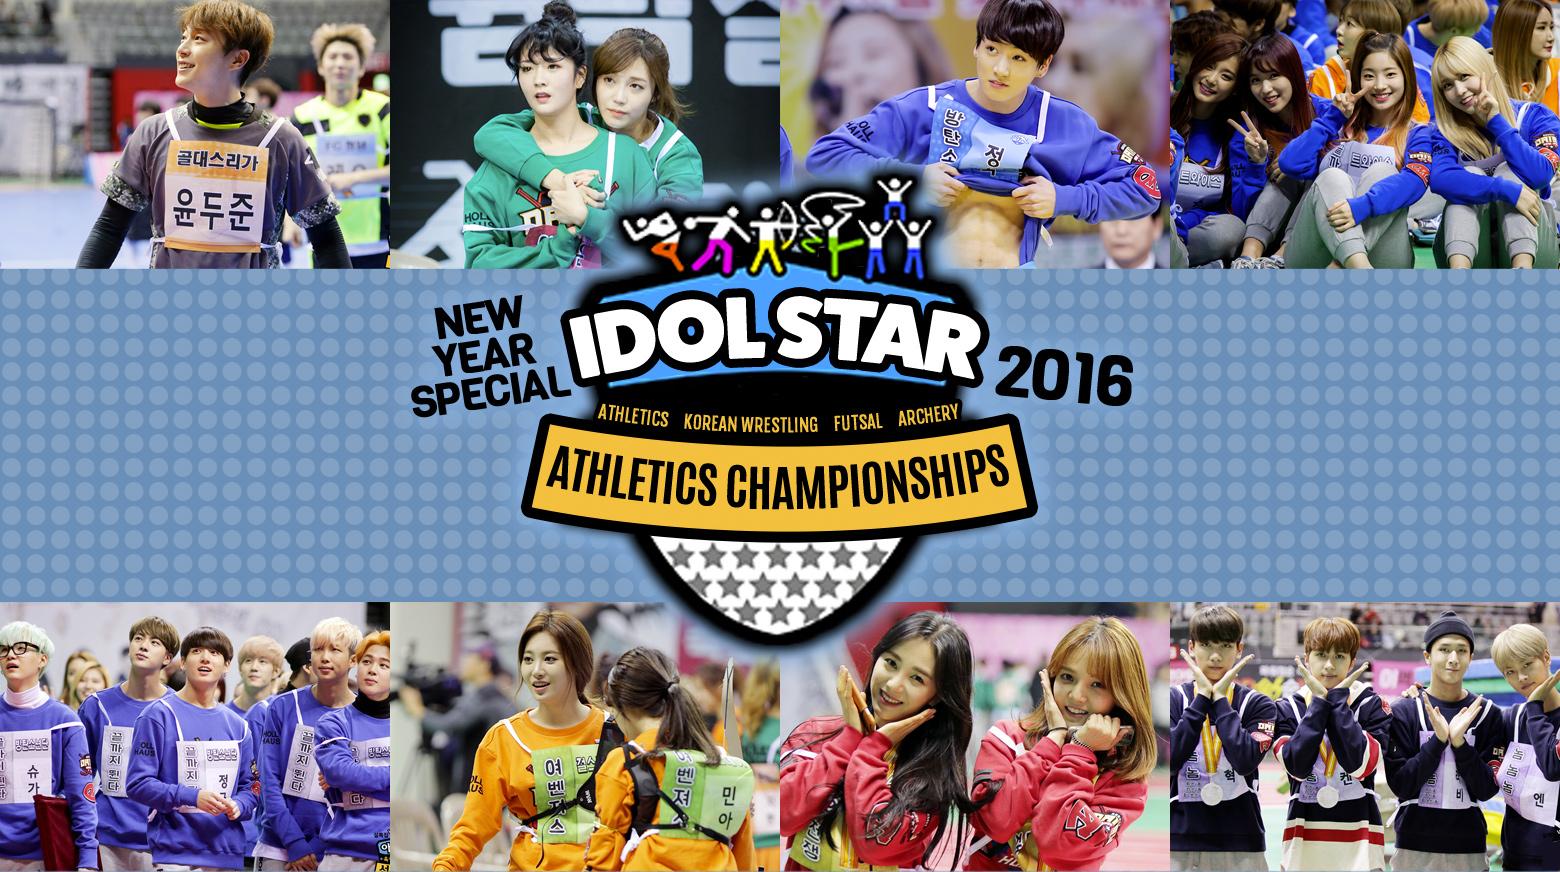 2016 年偶像明星運動會 - 新年特別節目